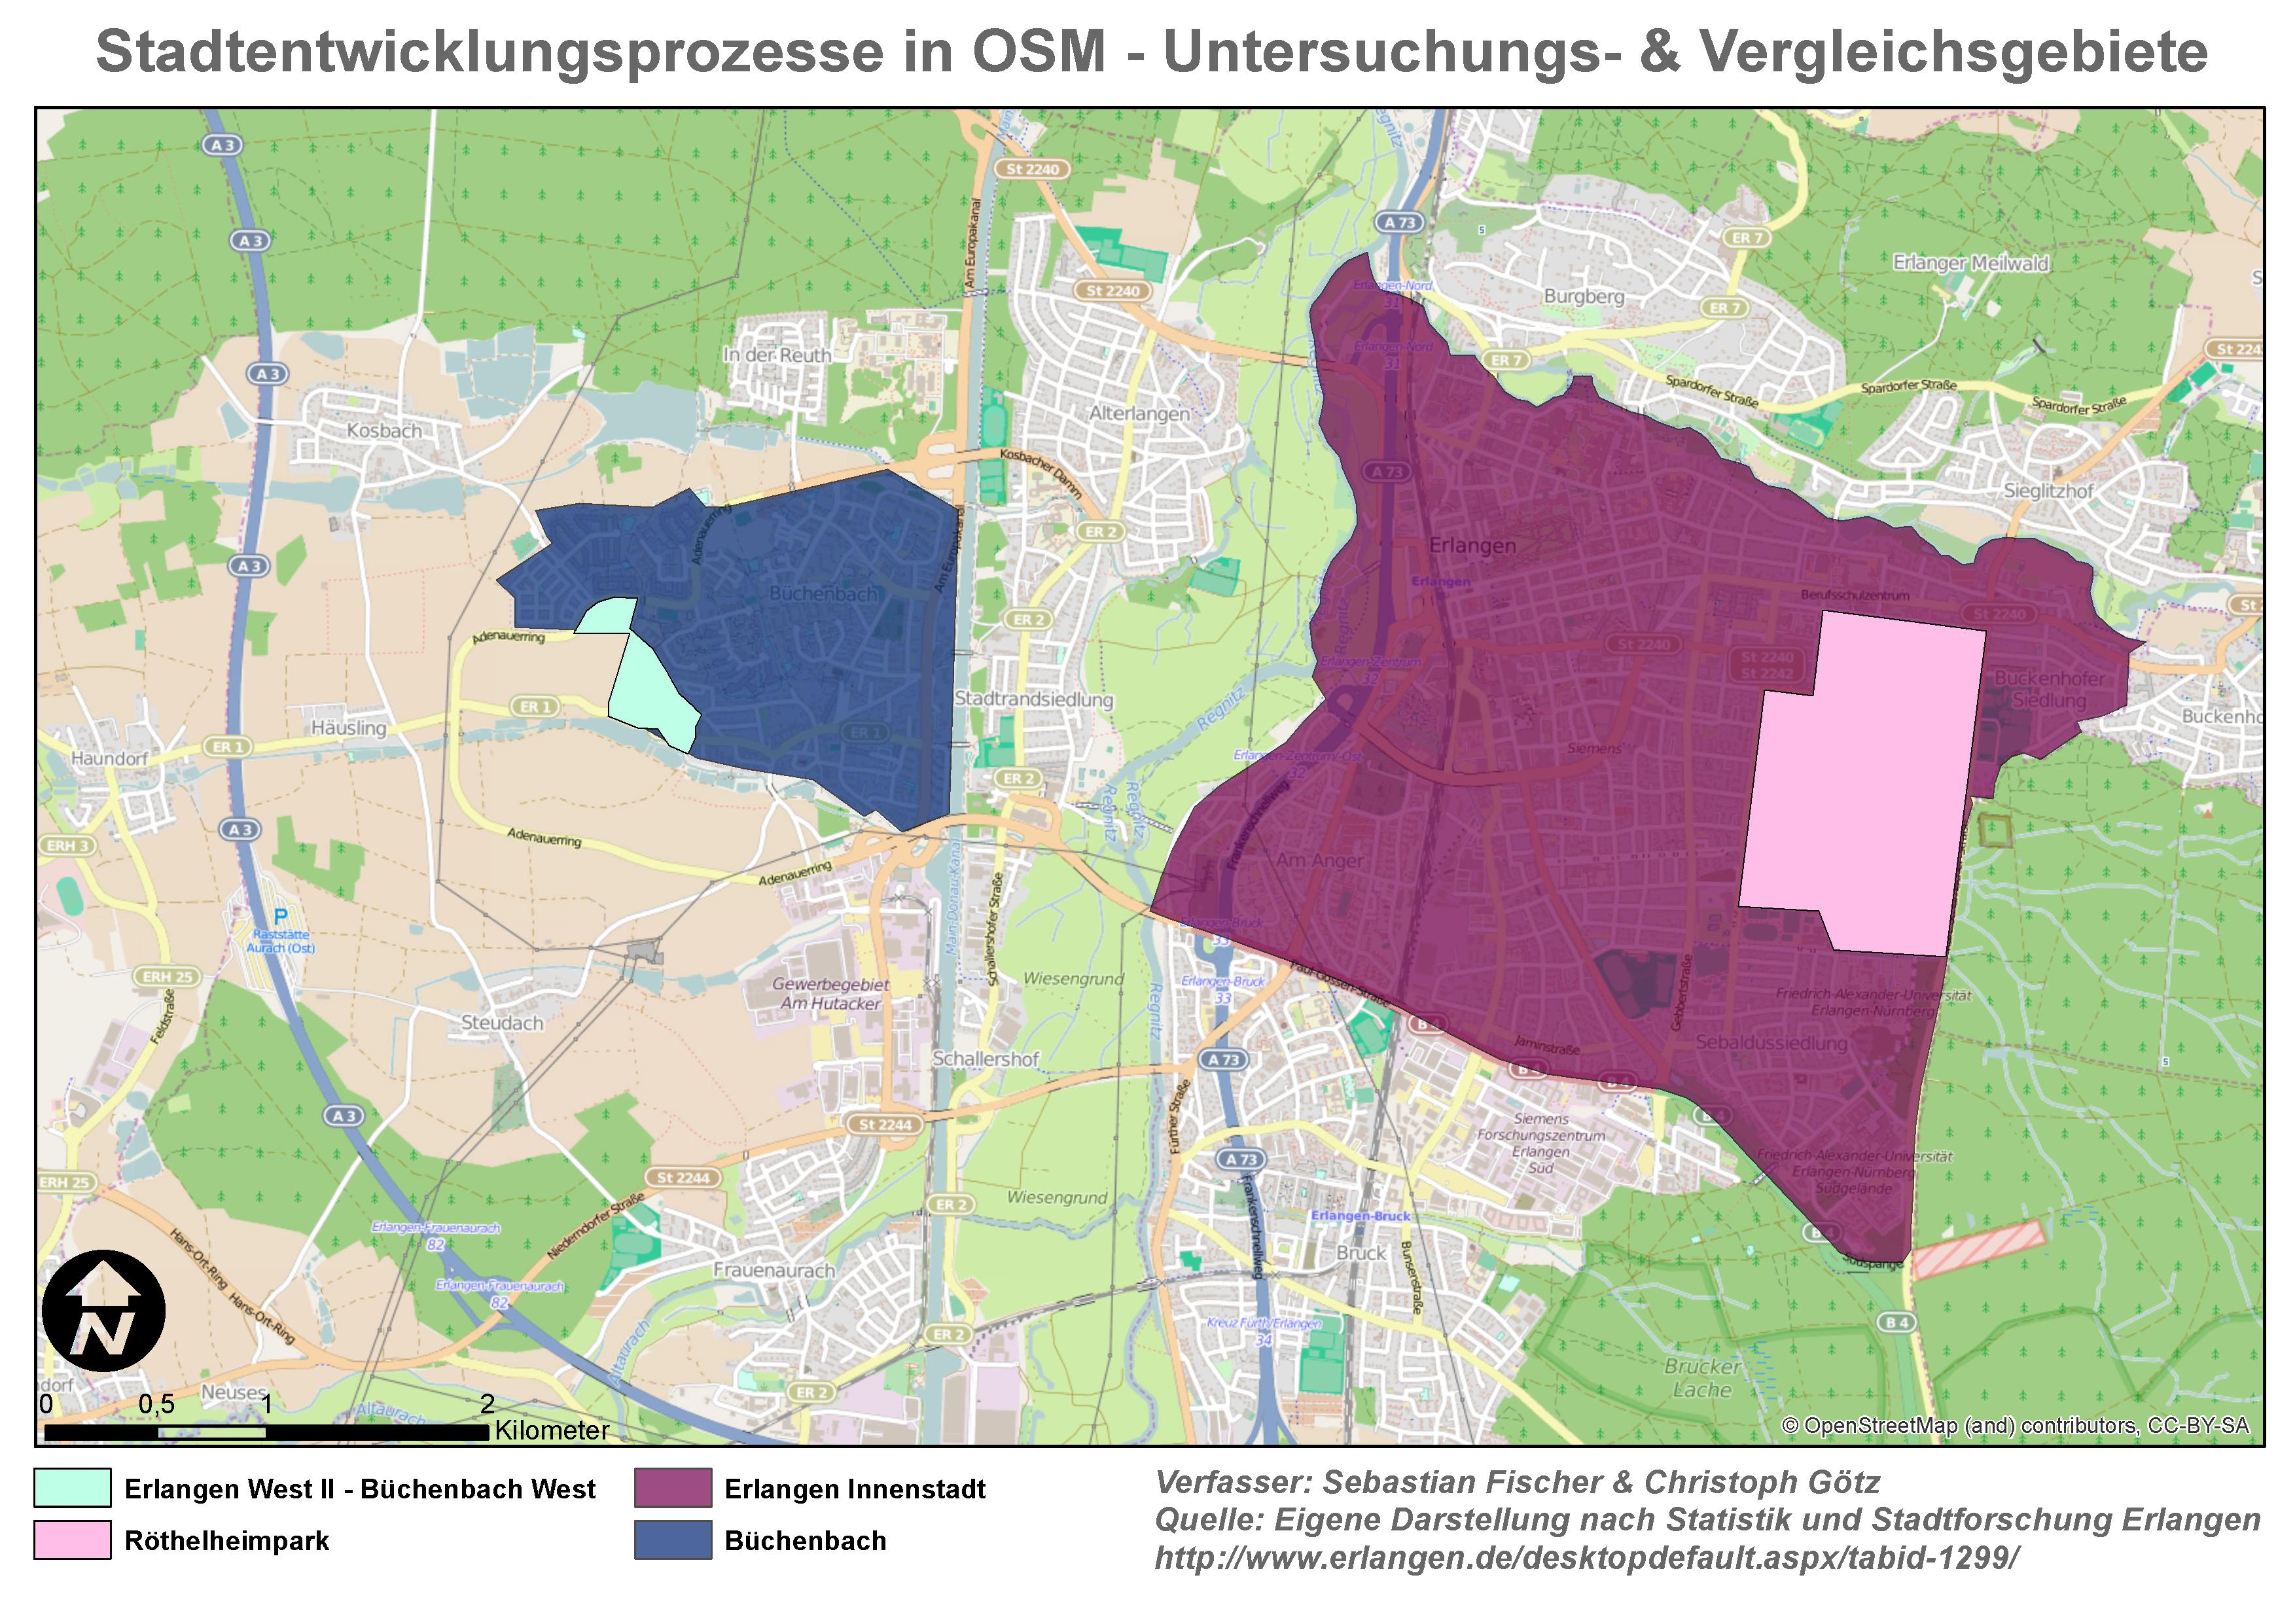 Stadtentwicklungsprozesse in OSM - Untersuchungs- und Vergleichsgebiete